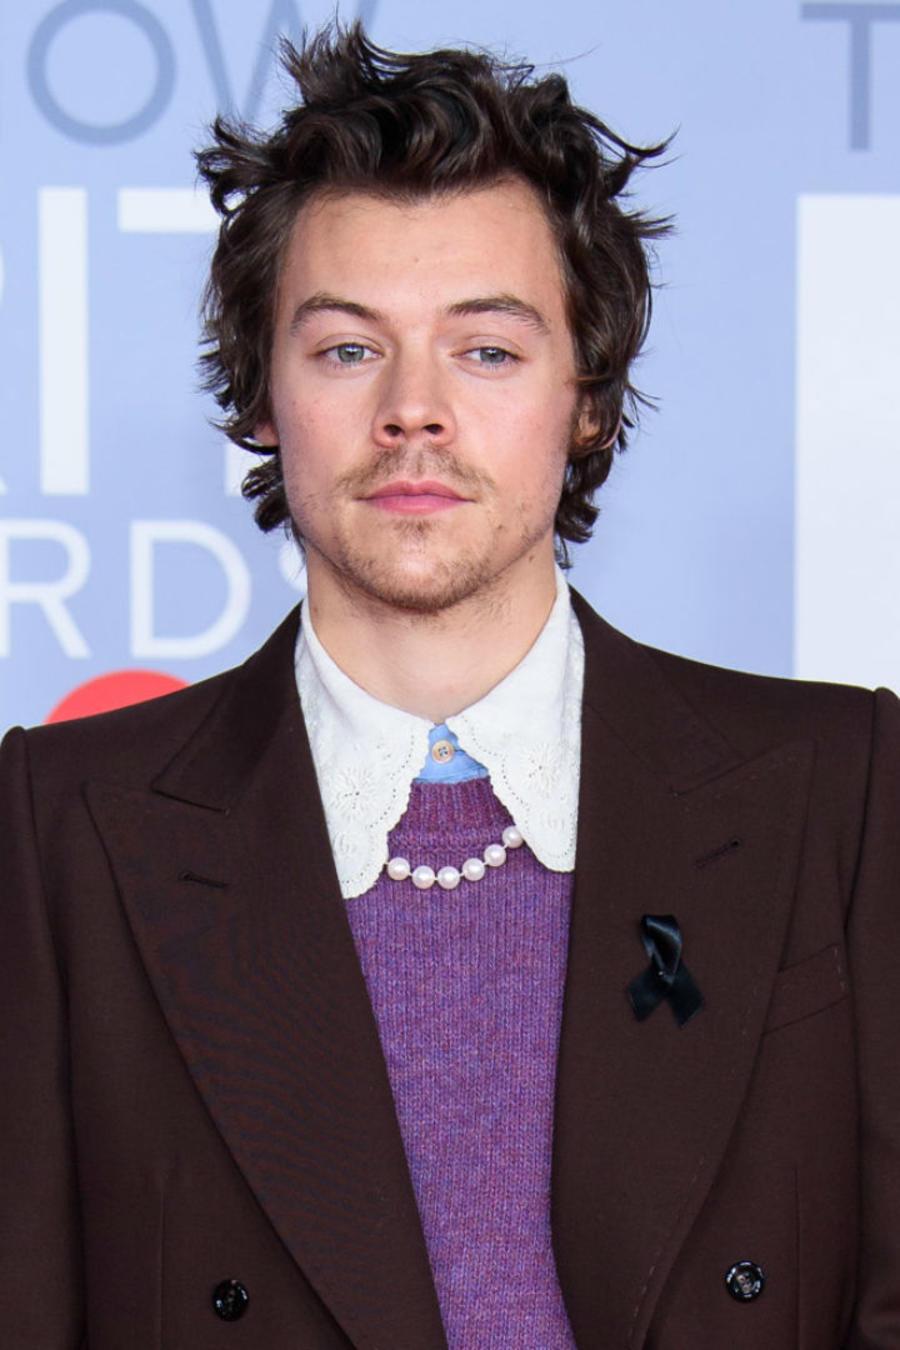 Harry Styles en Brit Awards 2020